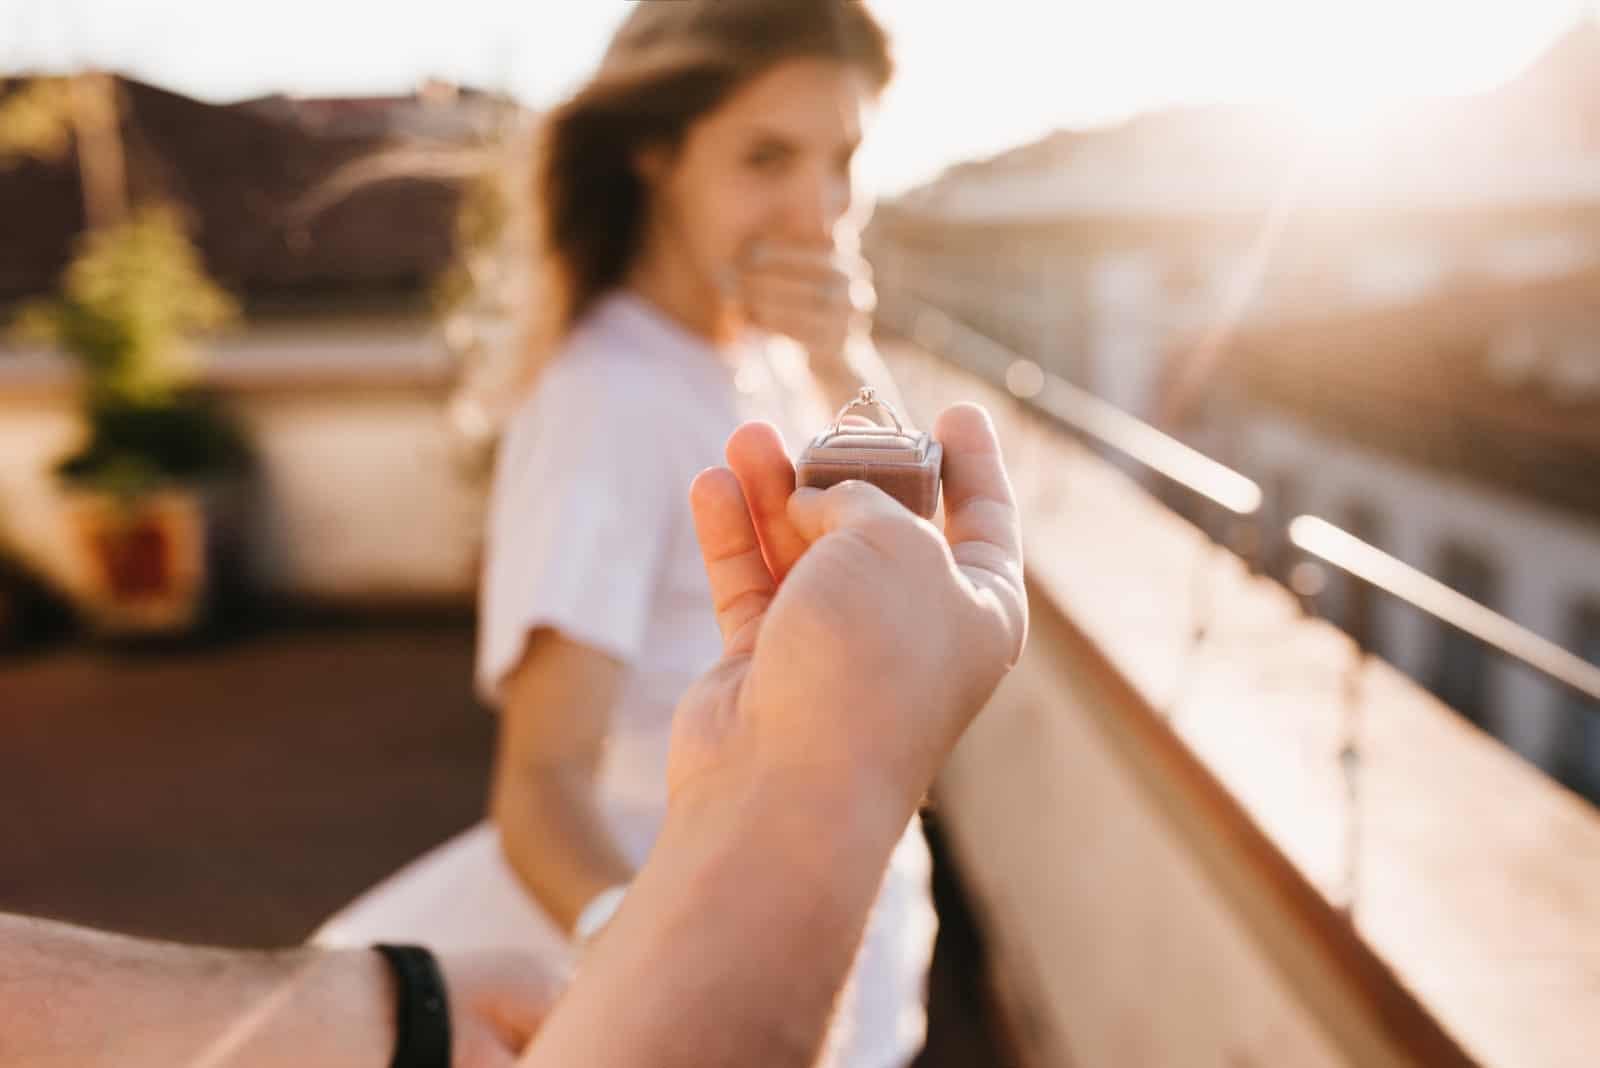 un homme a proposé à une femme sur un pont